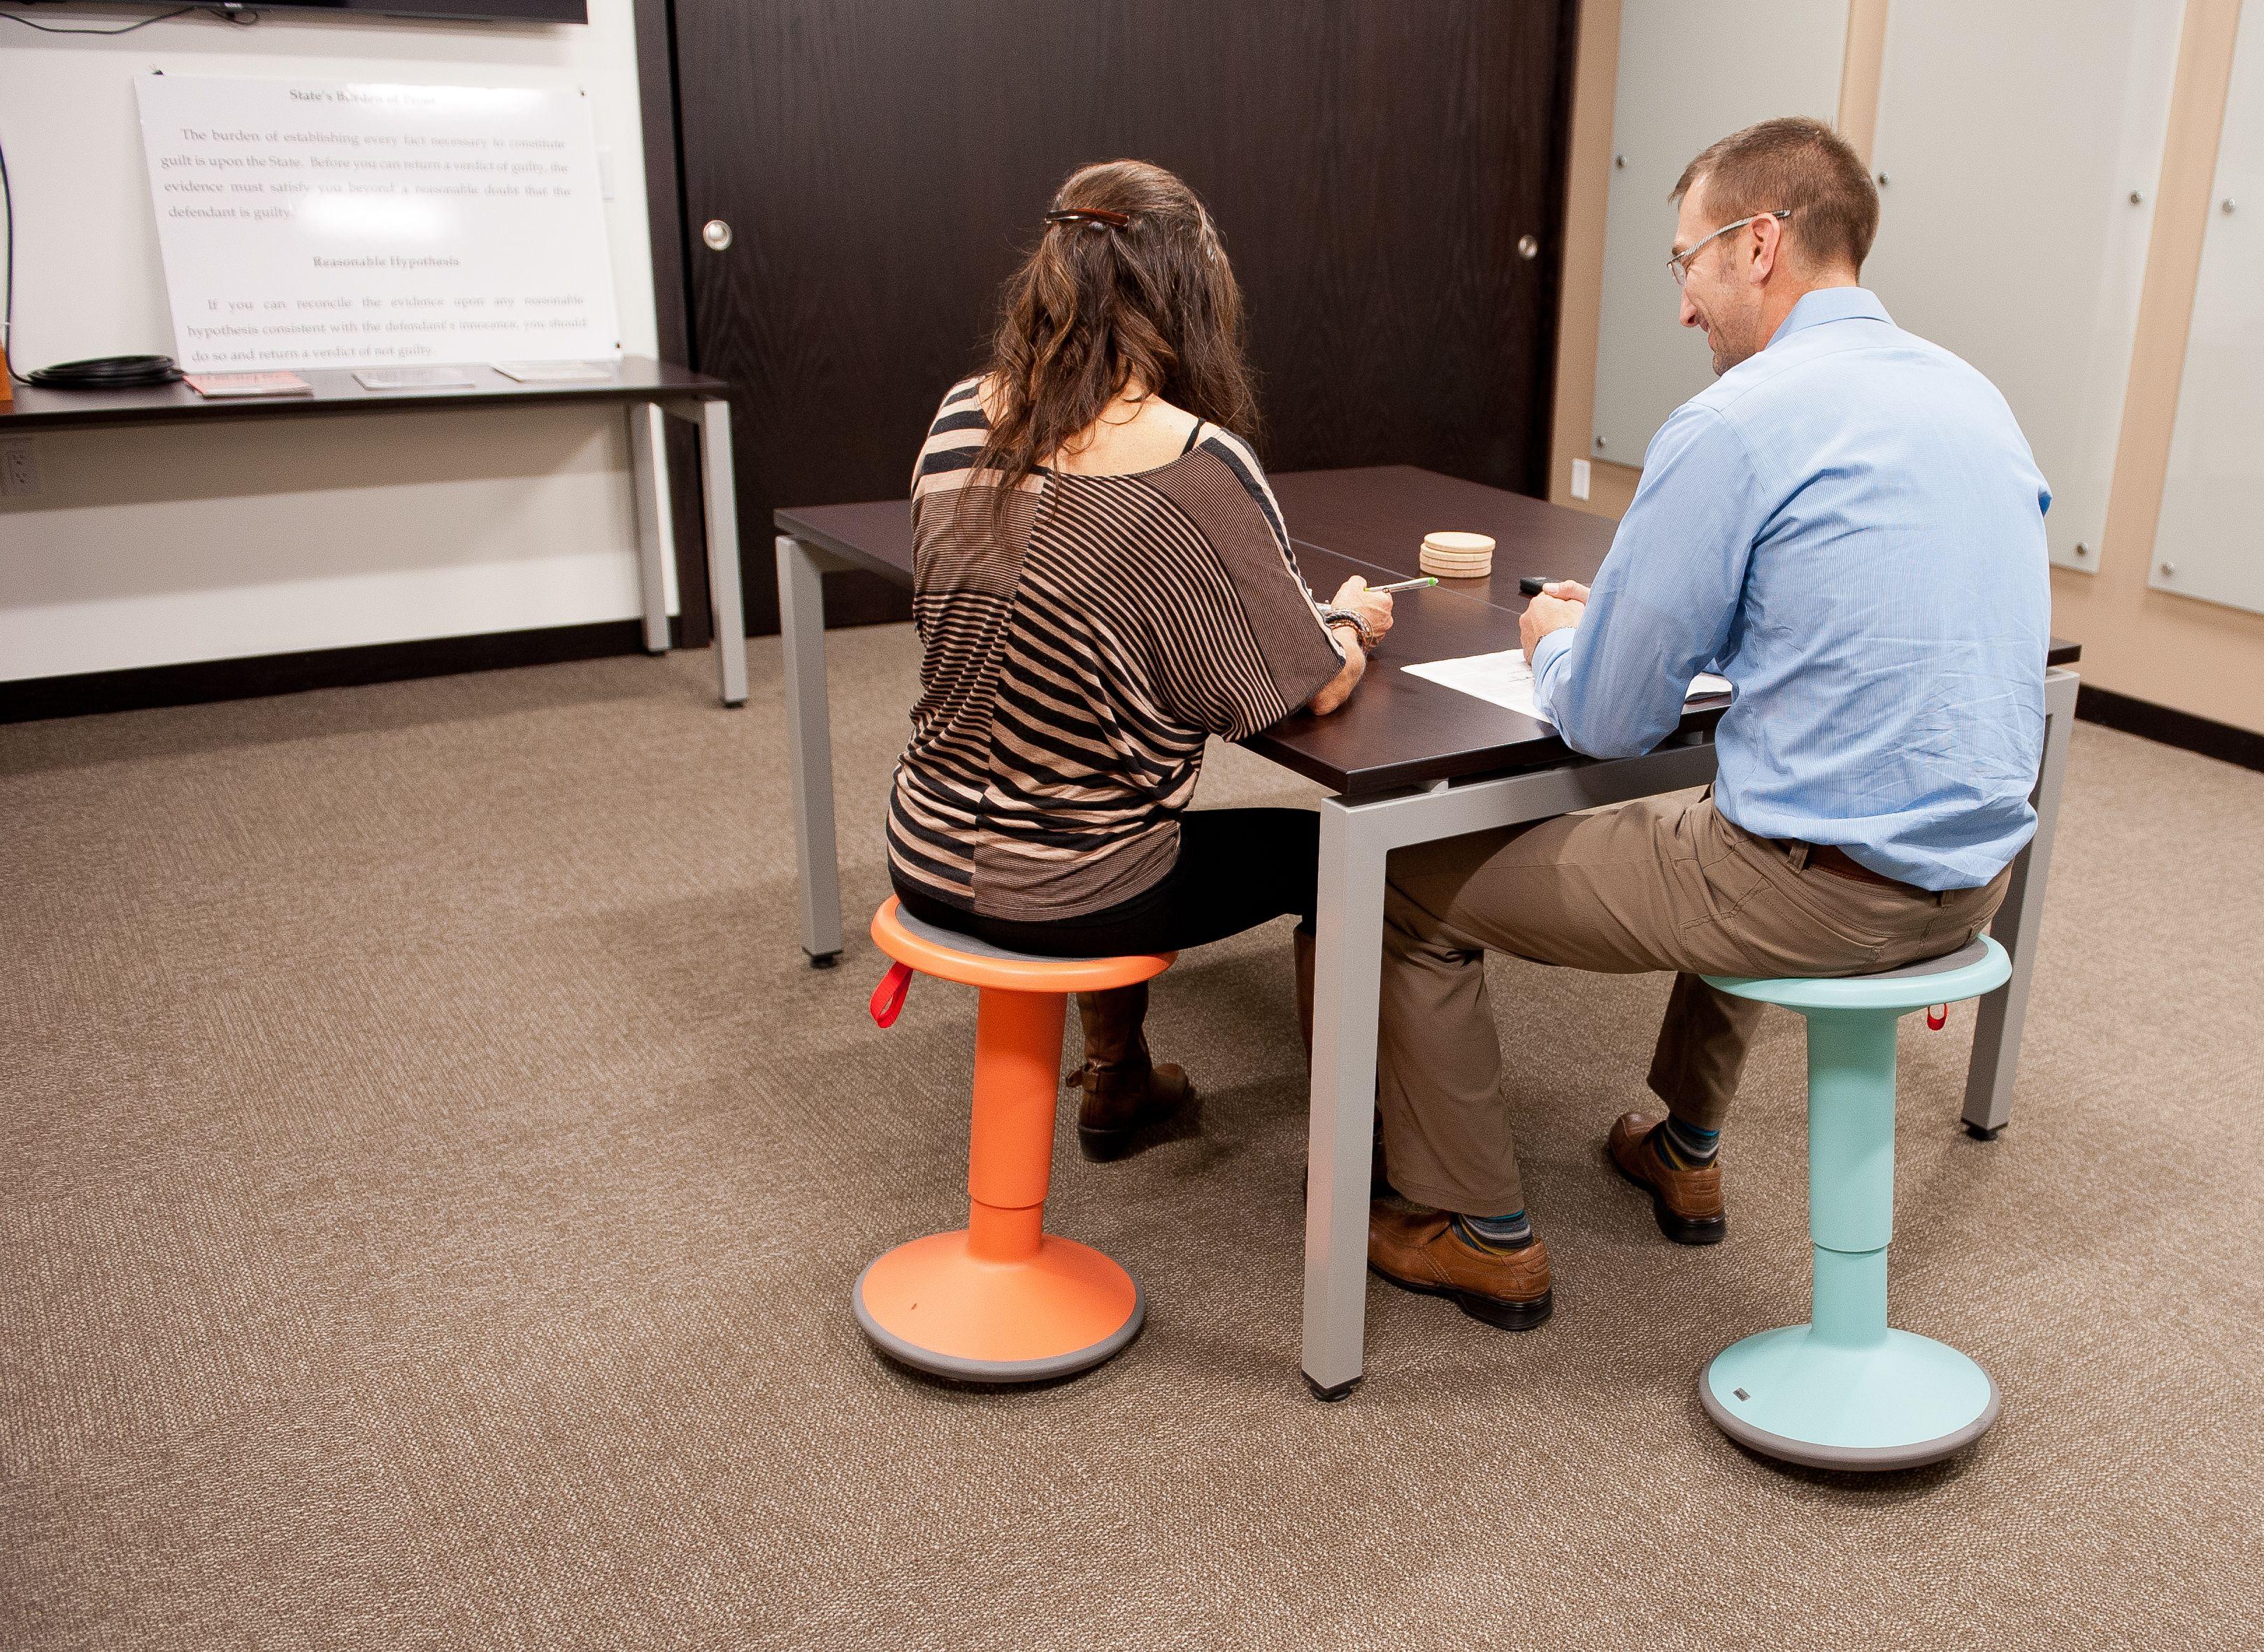 UP™ Adjustable Stool Adjustable stool, Standing work